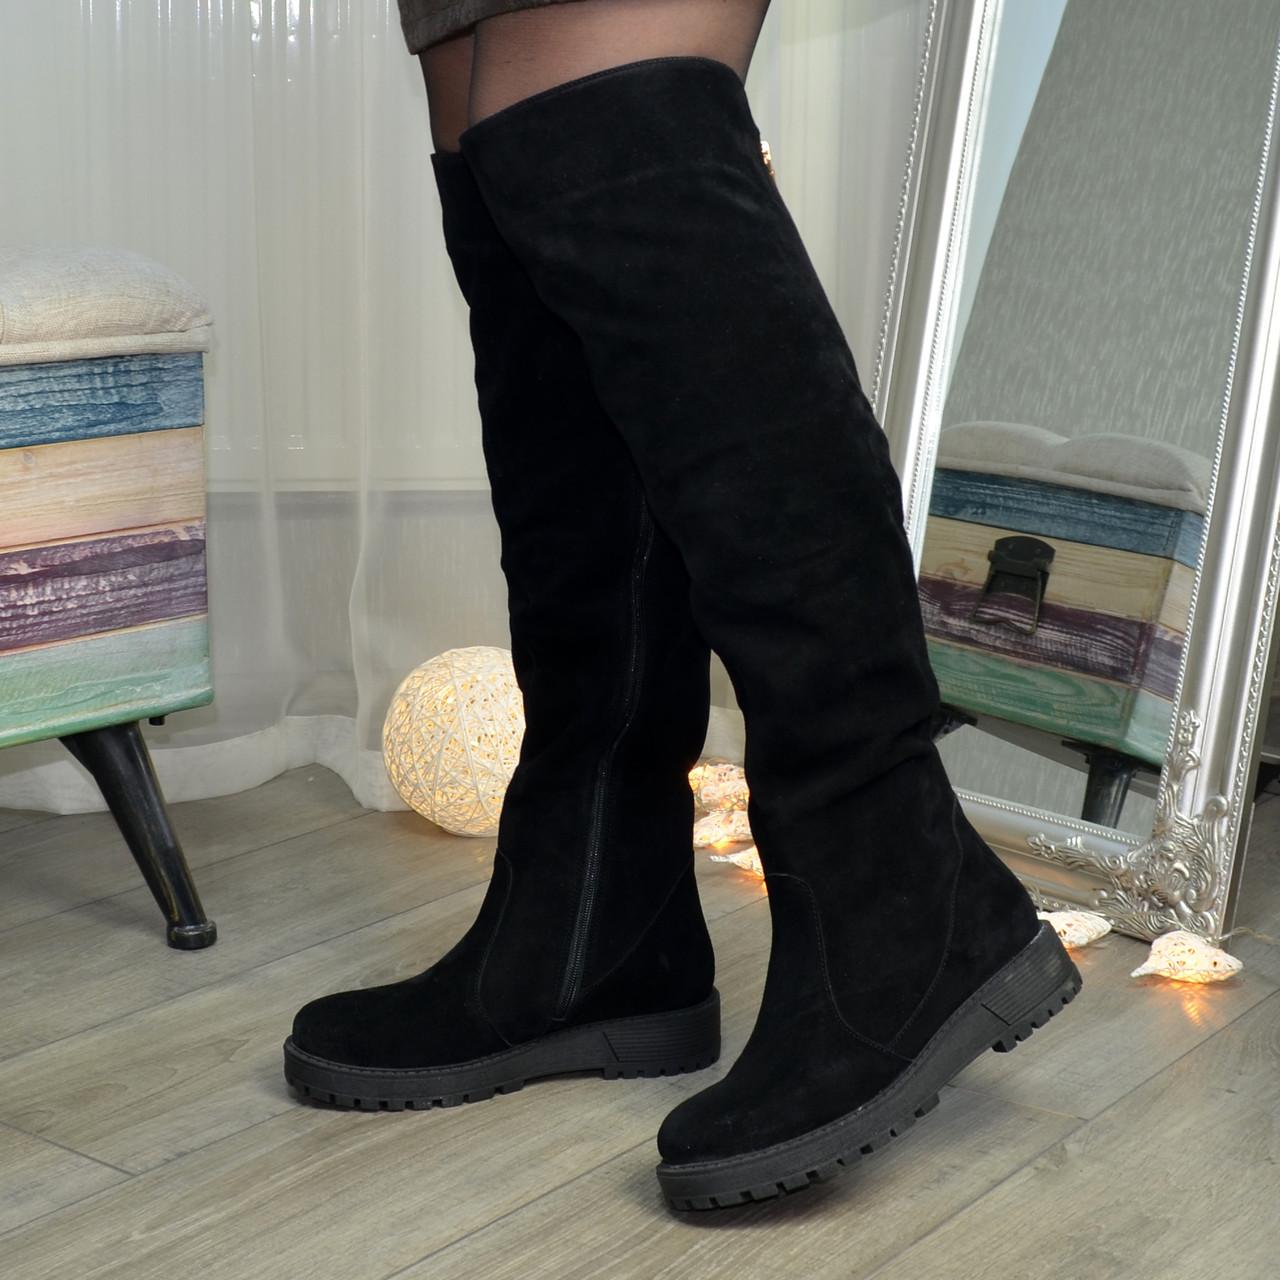 Ботфорты зимние женские замшевые на утолщенной подошве, цвет черный